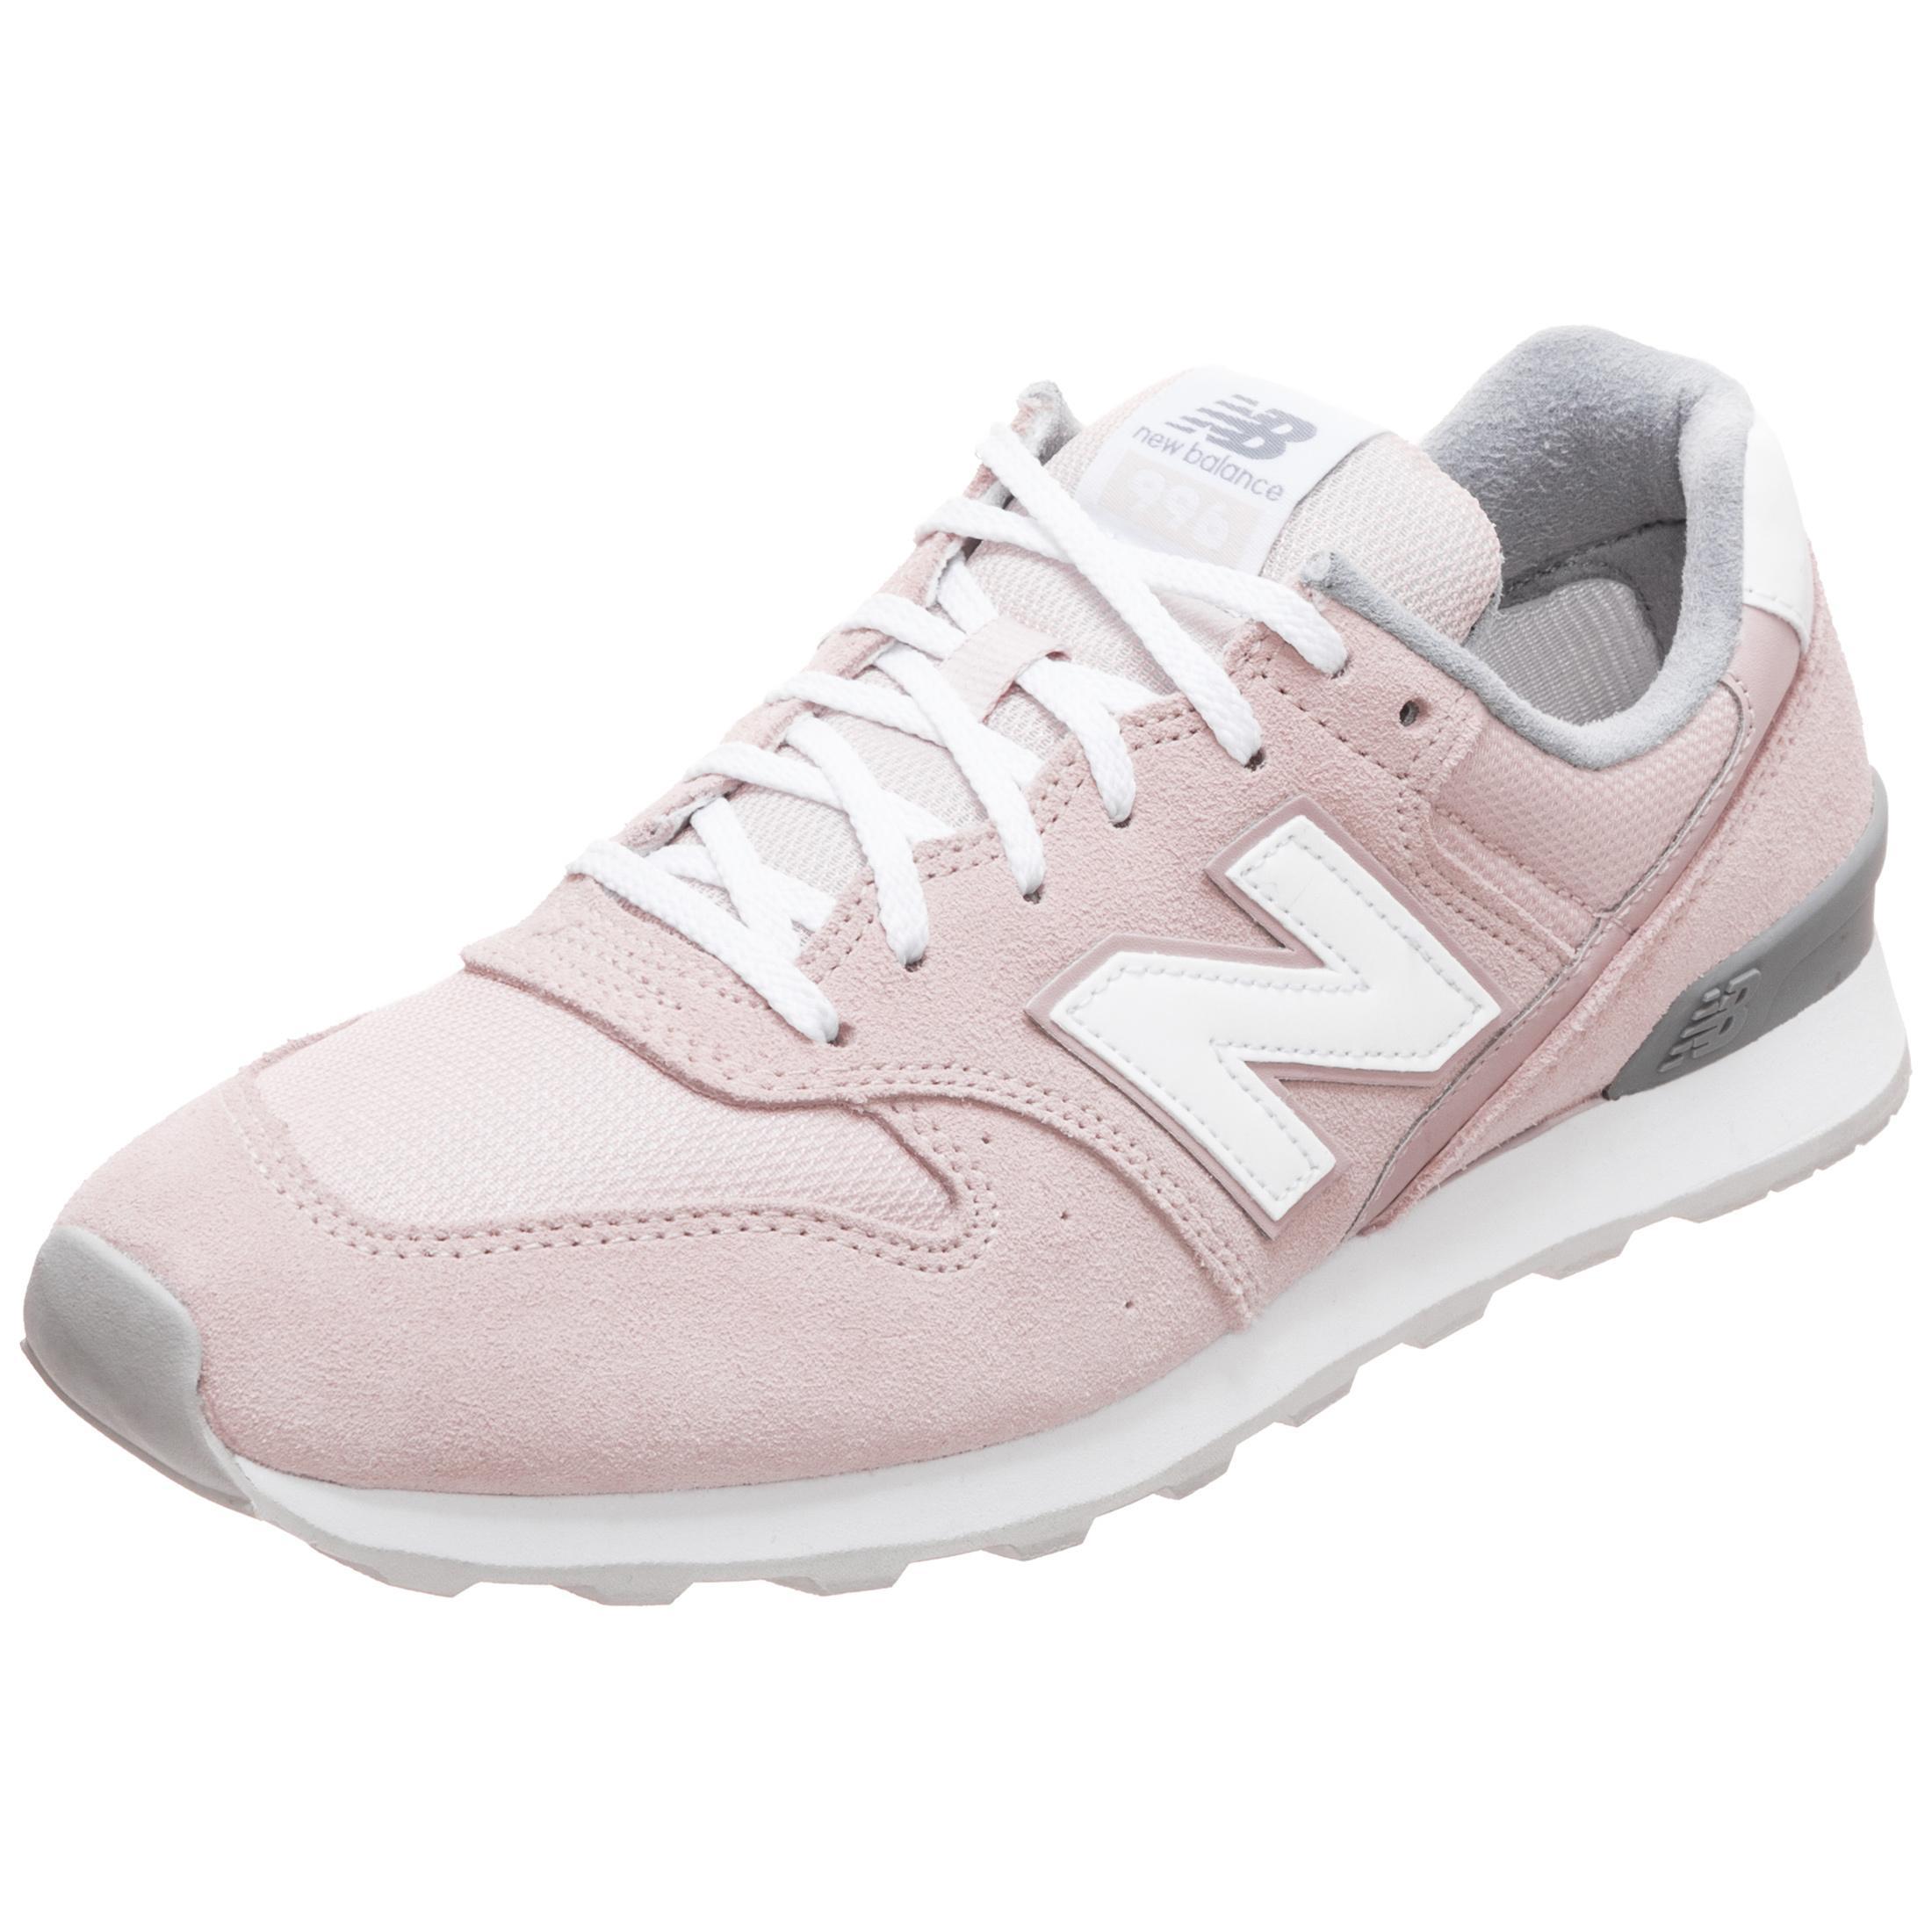 NEW BALANCE WR996-ACP-D Sneaker Damen rosa / weiß im Online Shop von  SportScheck kaufen